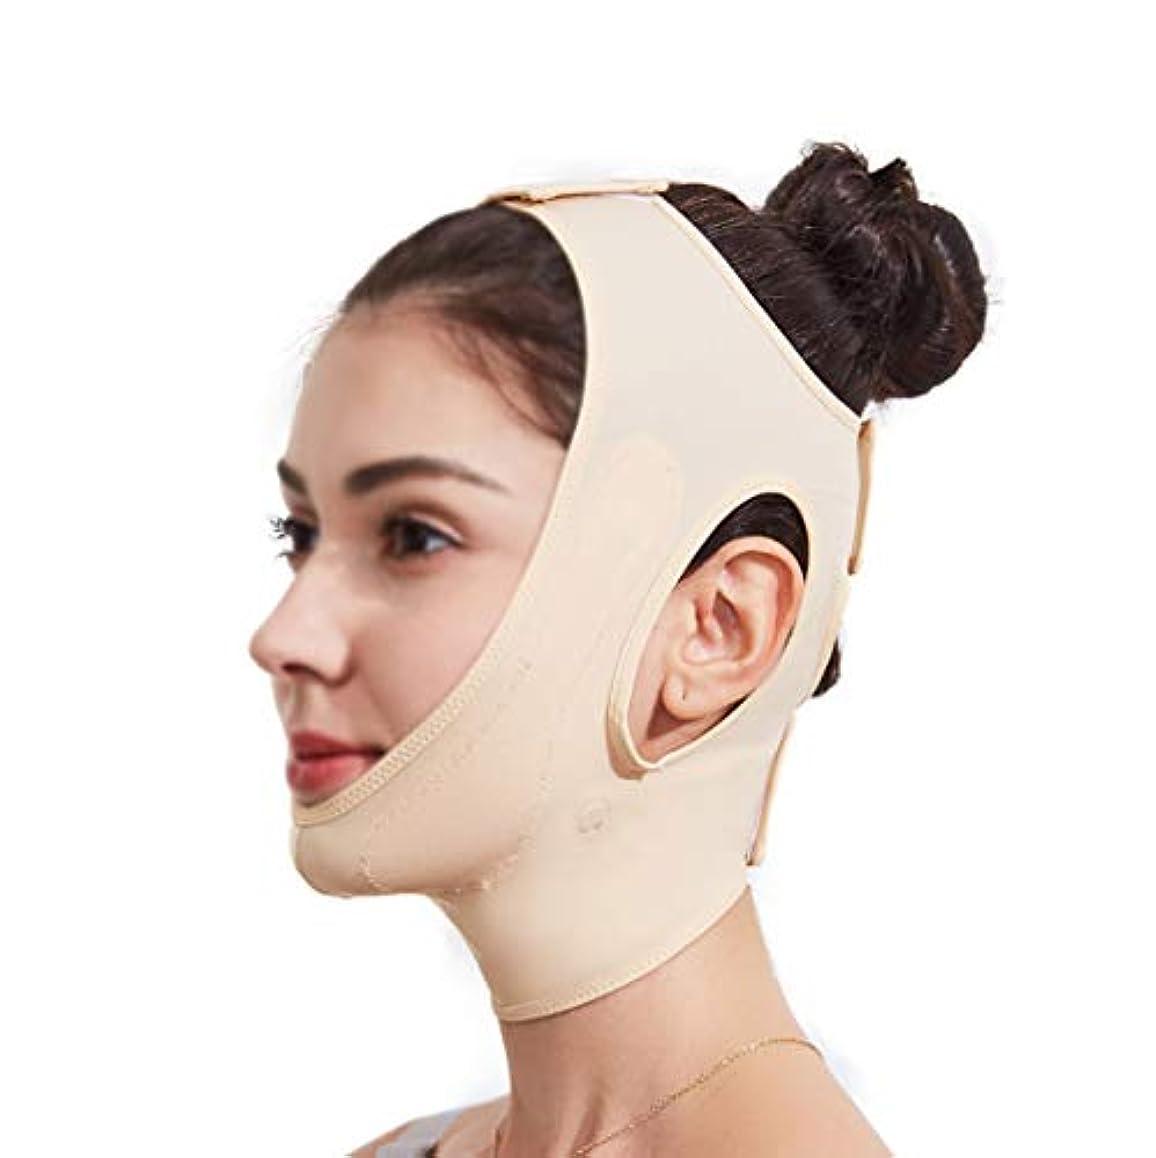 フリース蒸し器ルアーXHLMRMJ フェイスリフティングマスク、360°オールラウンドリフティングフェイシャル輪郭、あごを閉じて肌を引き締め、快適でフェイスライトをサポートし、通気性 (Size : Skin color)